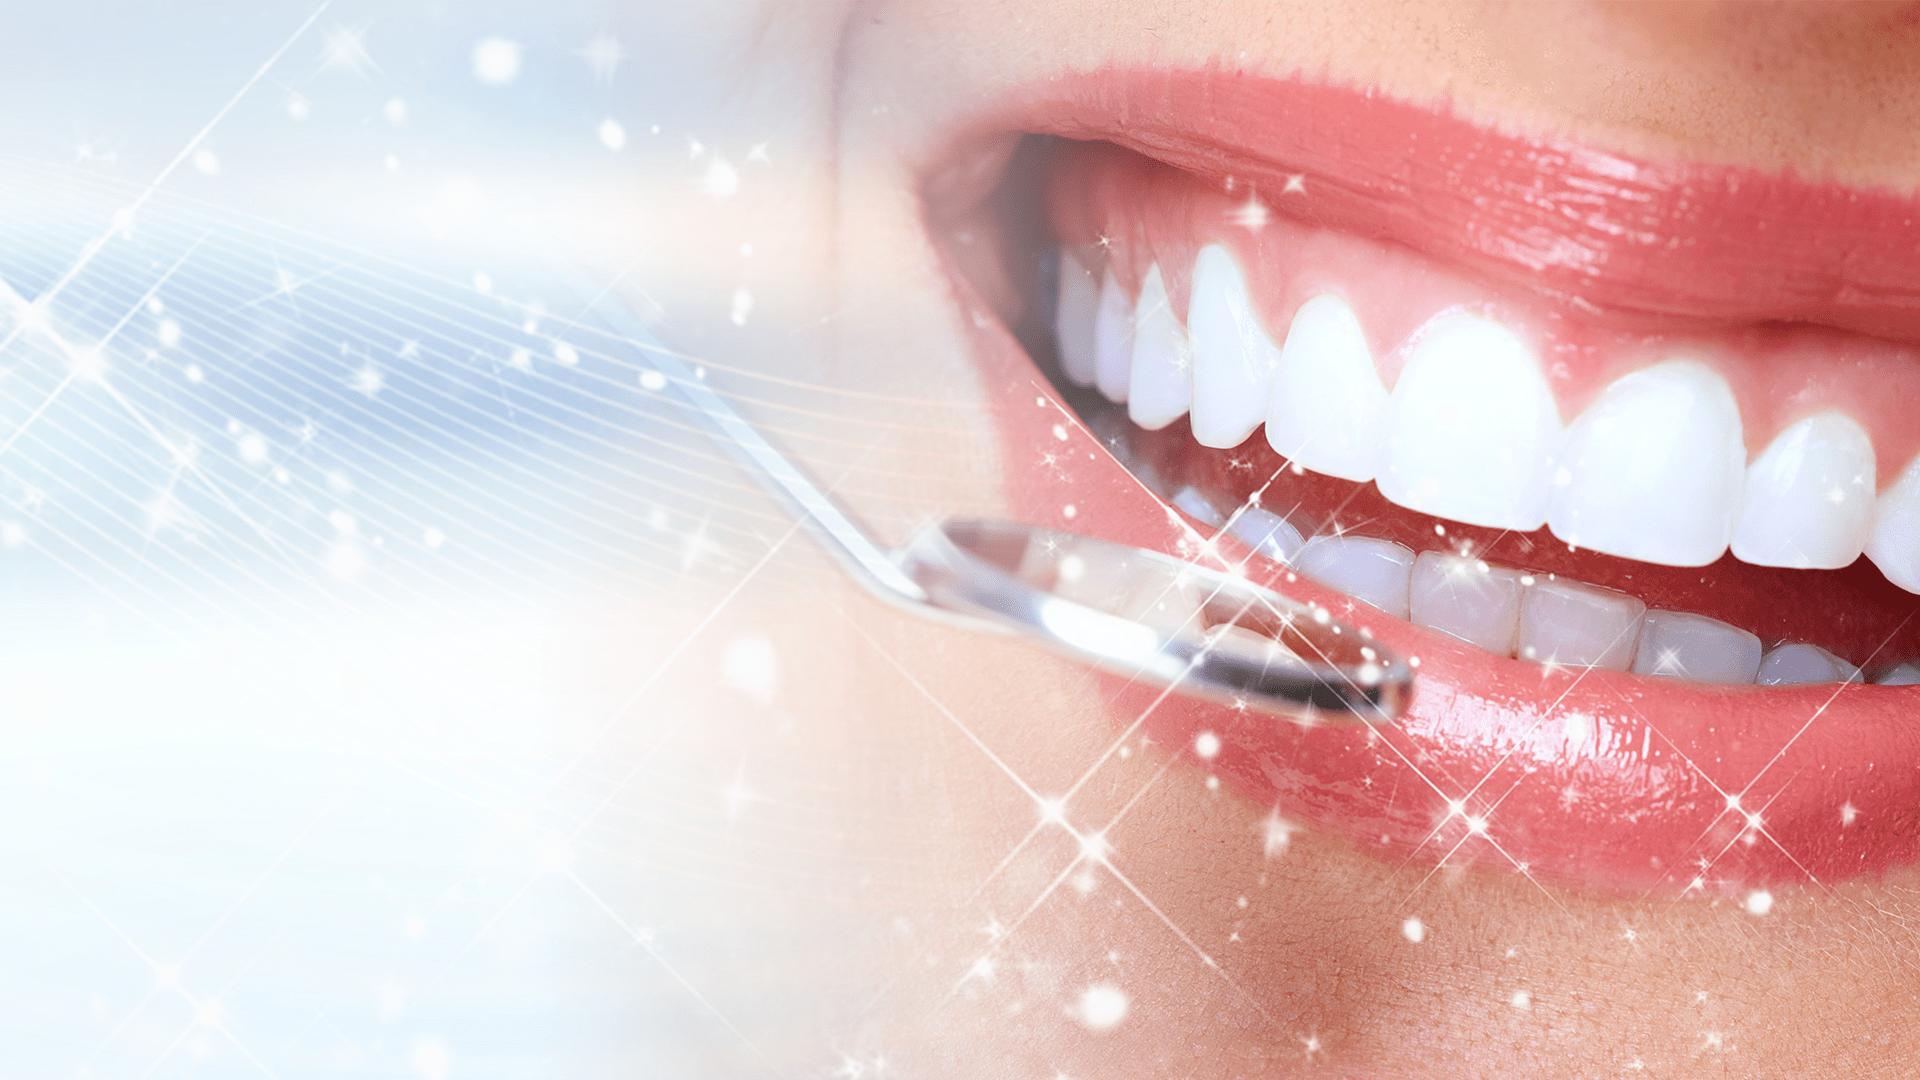 Niềng răng như thế nào?